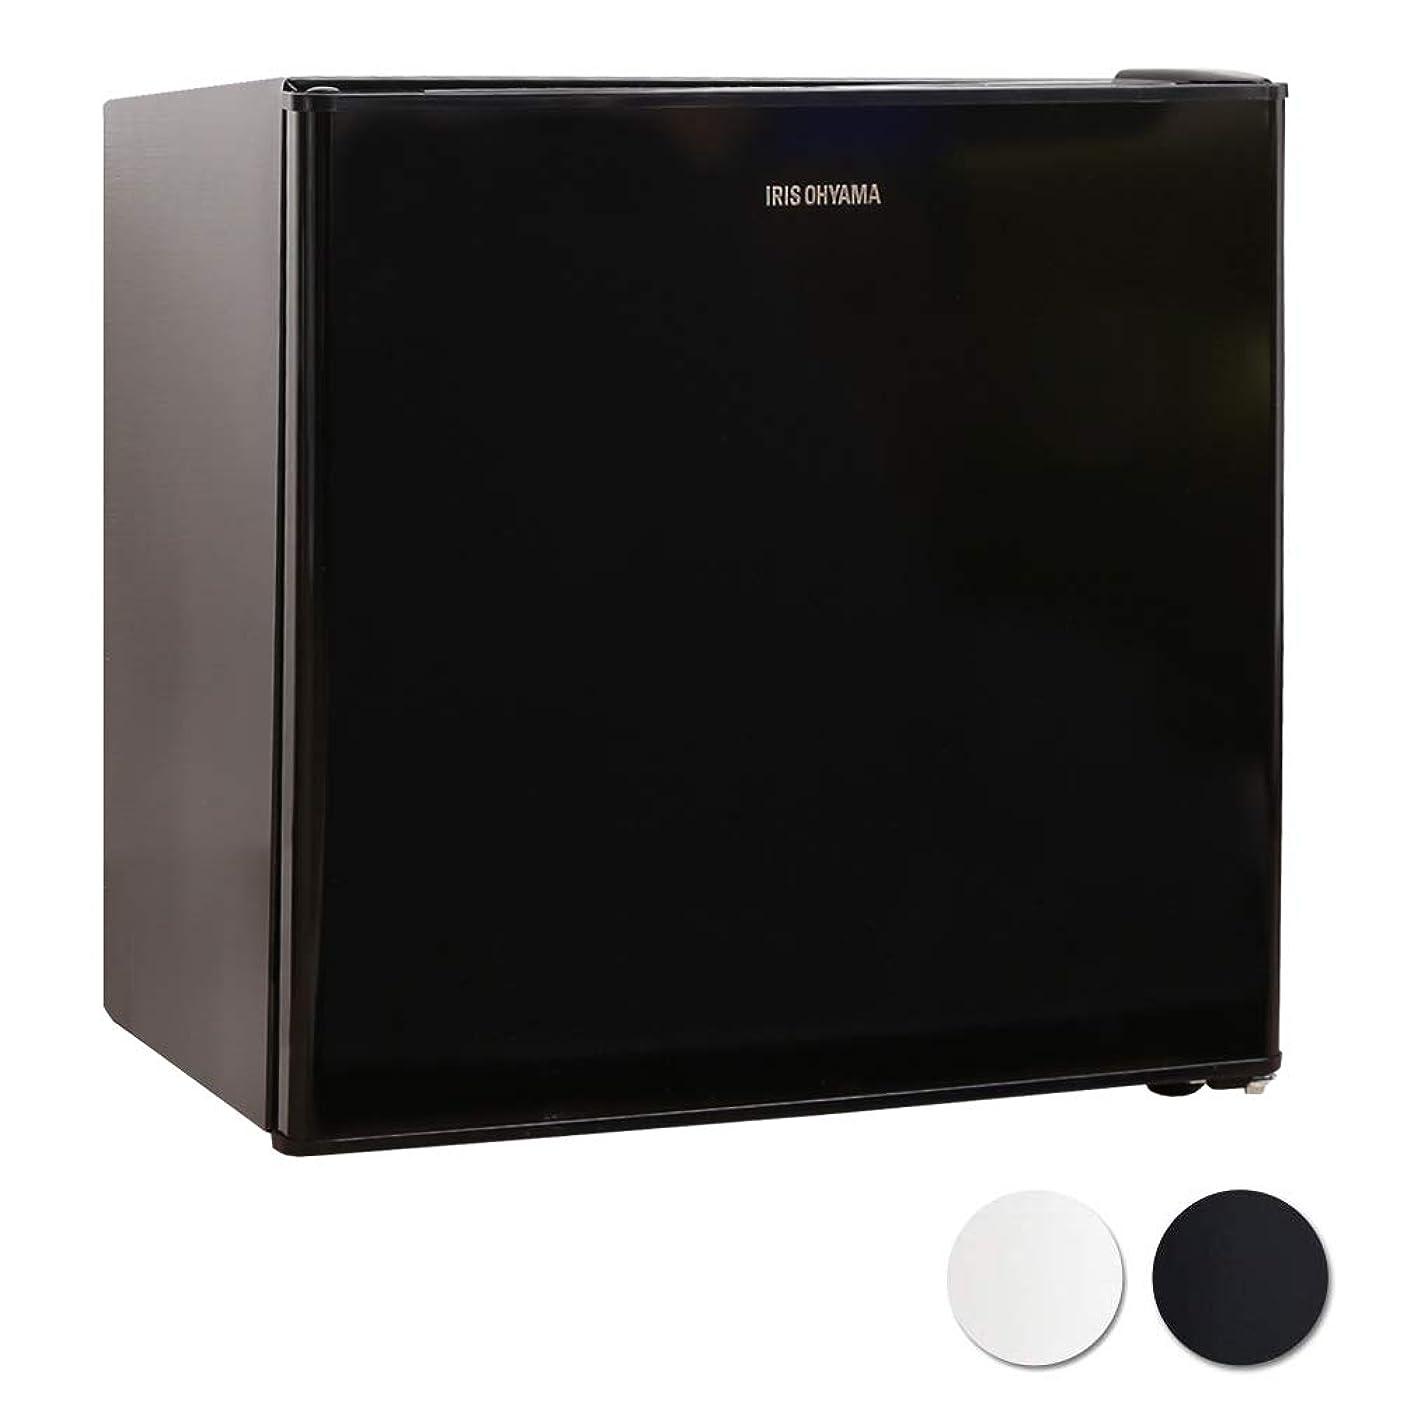 終了しましたプレーヤー免除アイリスオーヤマ 冷蔵庫 42L 小型 静音 1ドア ノンフロン 右開き 温度調節5段階 ブラック NRSD-4A-B